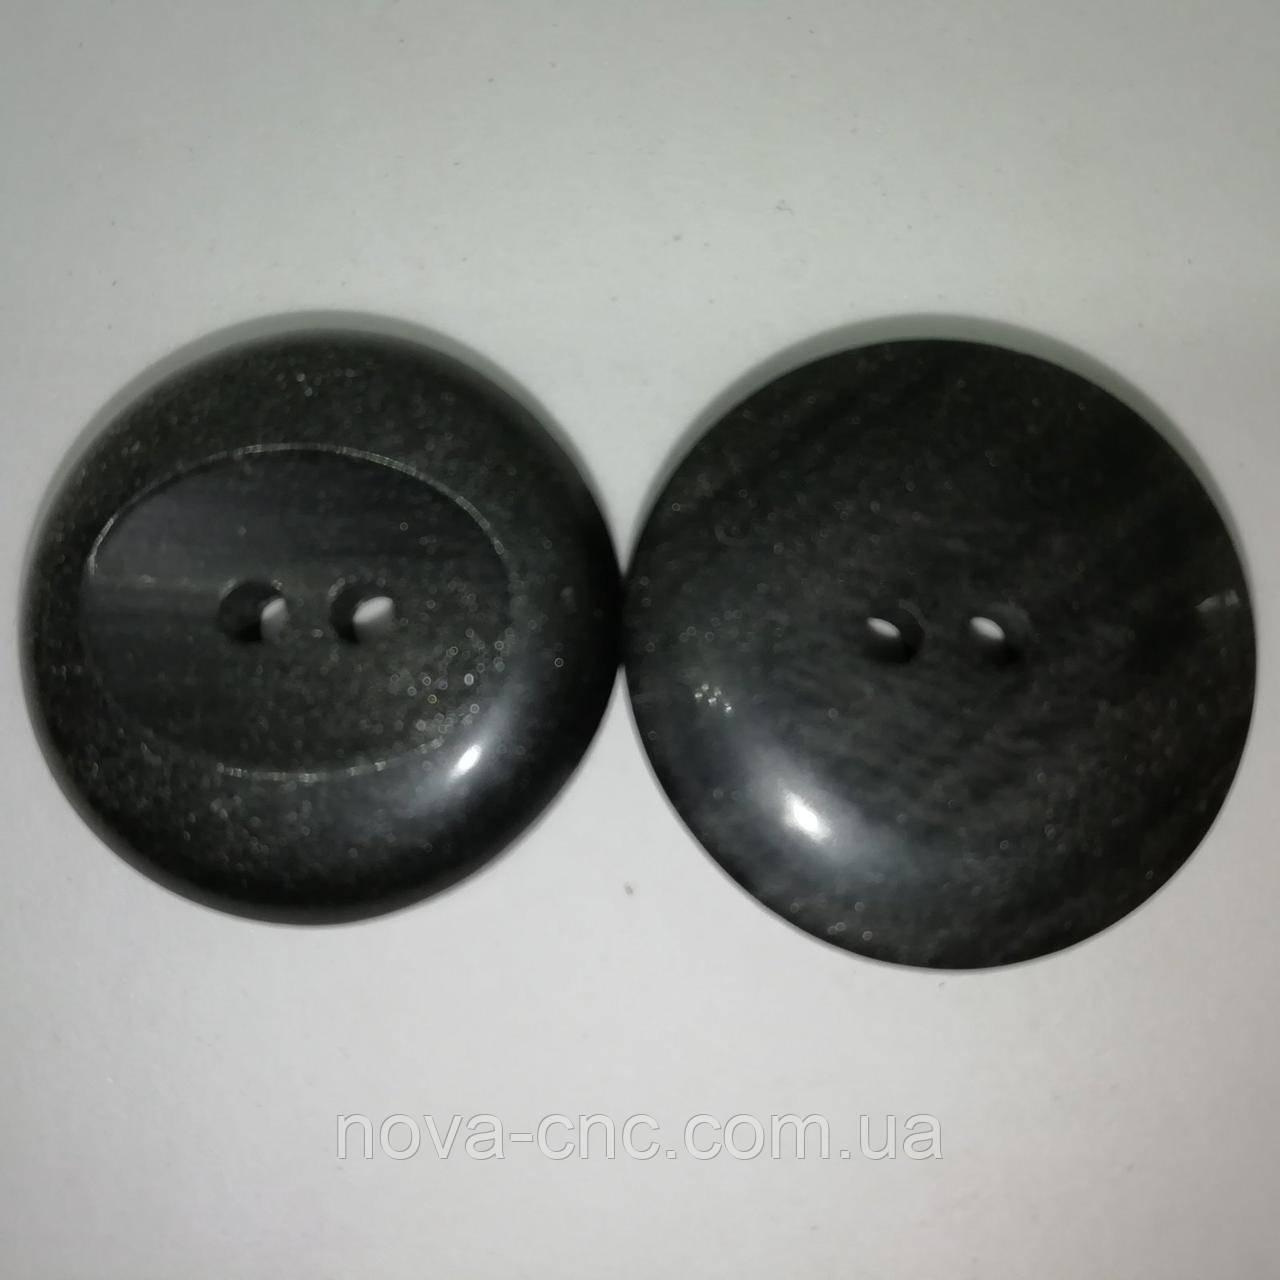 Ґудзики пластмасові 25 мм Колір чорний з перламутром Упаковка 600 штук